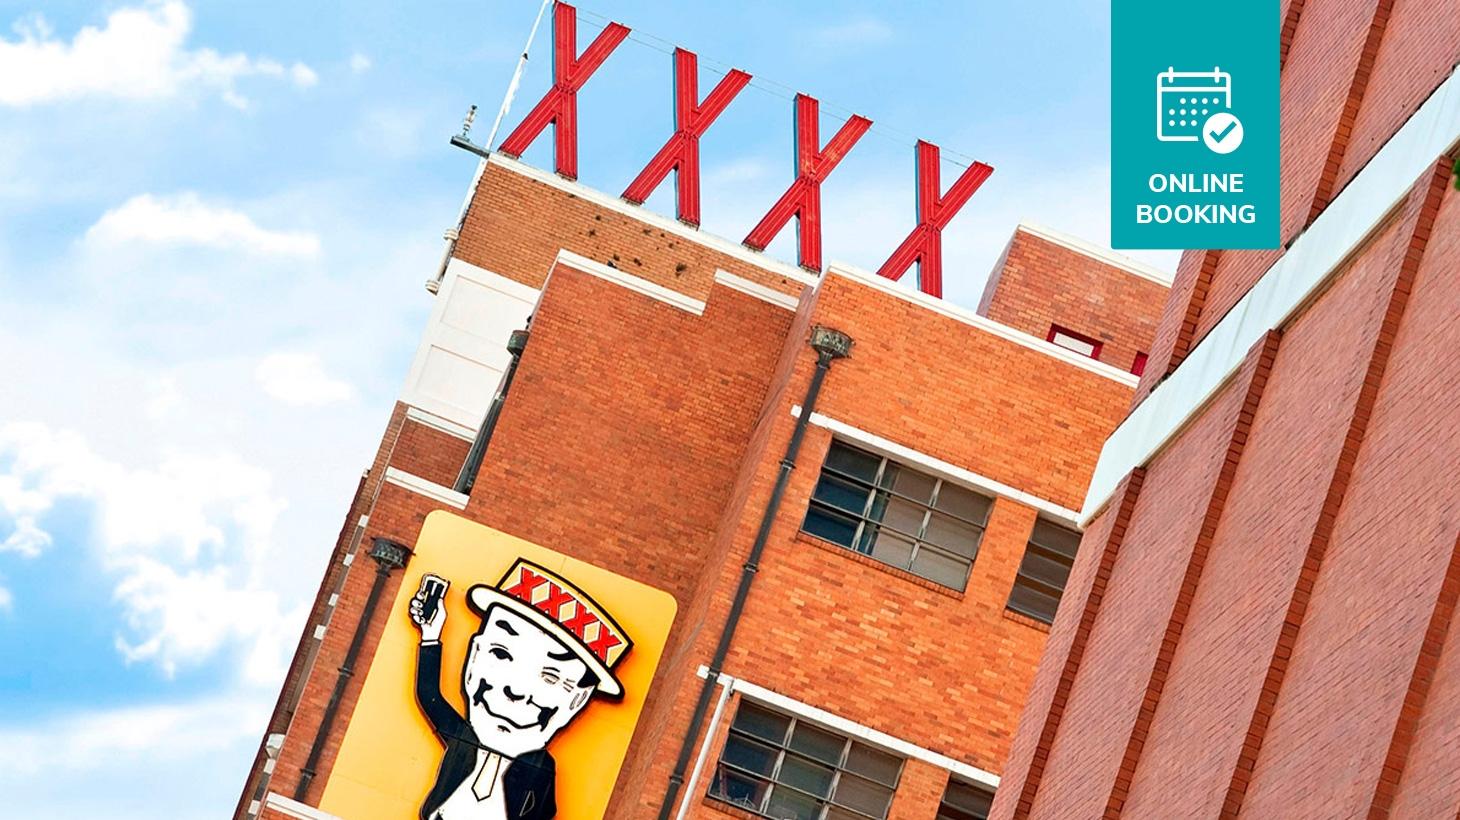 Xxxx brewery brisbane 2018